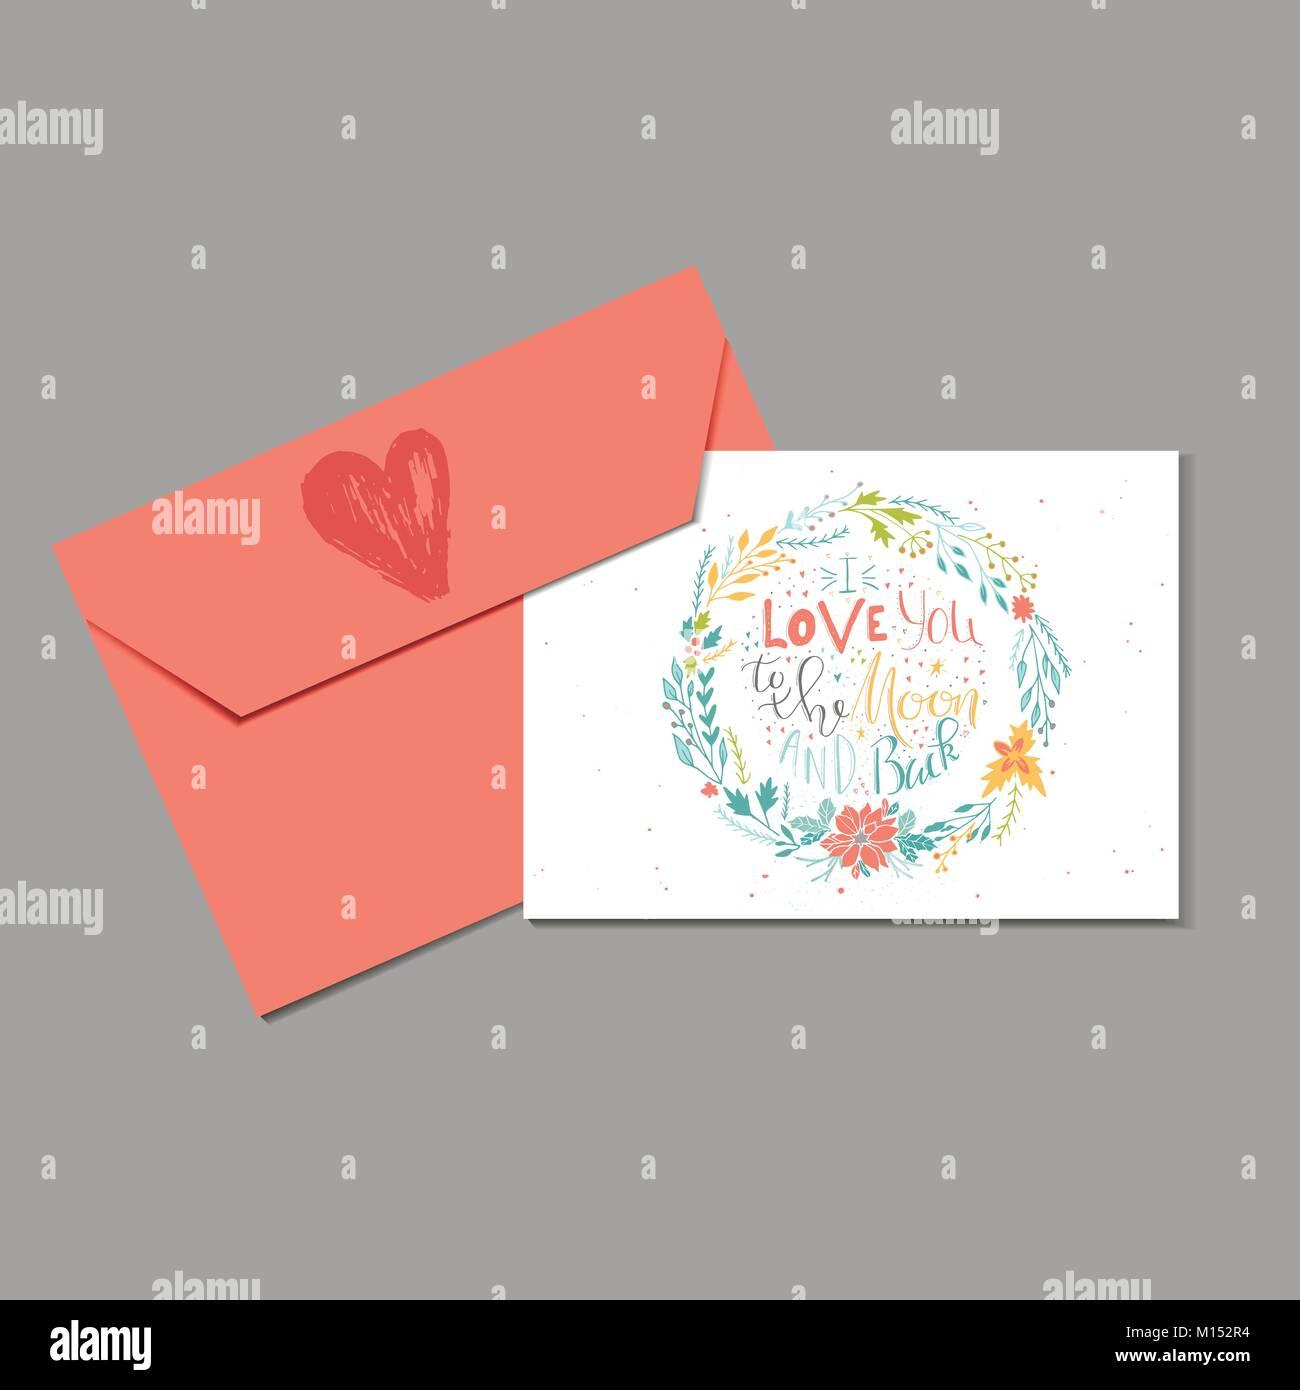 Entzückend Ich Liebe Dich Bis Zum Mond Referenz Von Schönen Valentinstag Geschenk Karte Mit Umschlag Herz